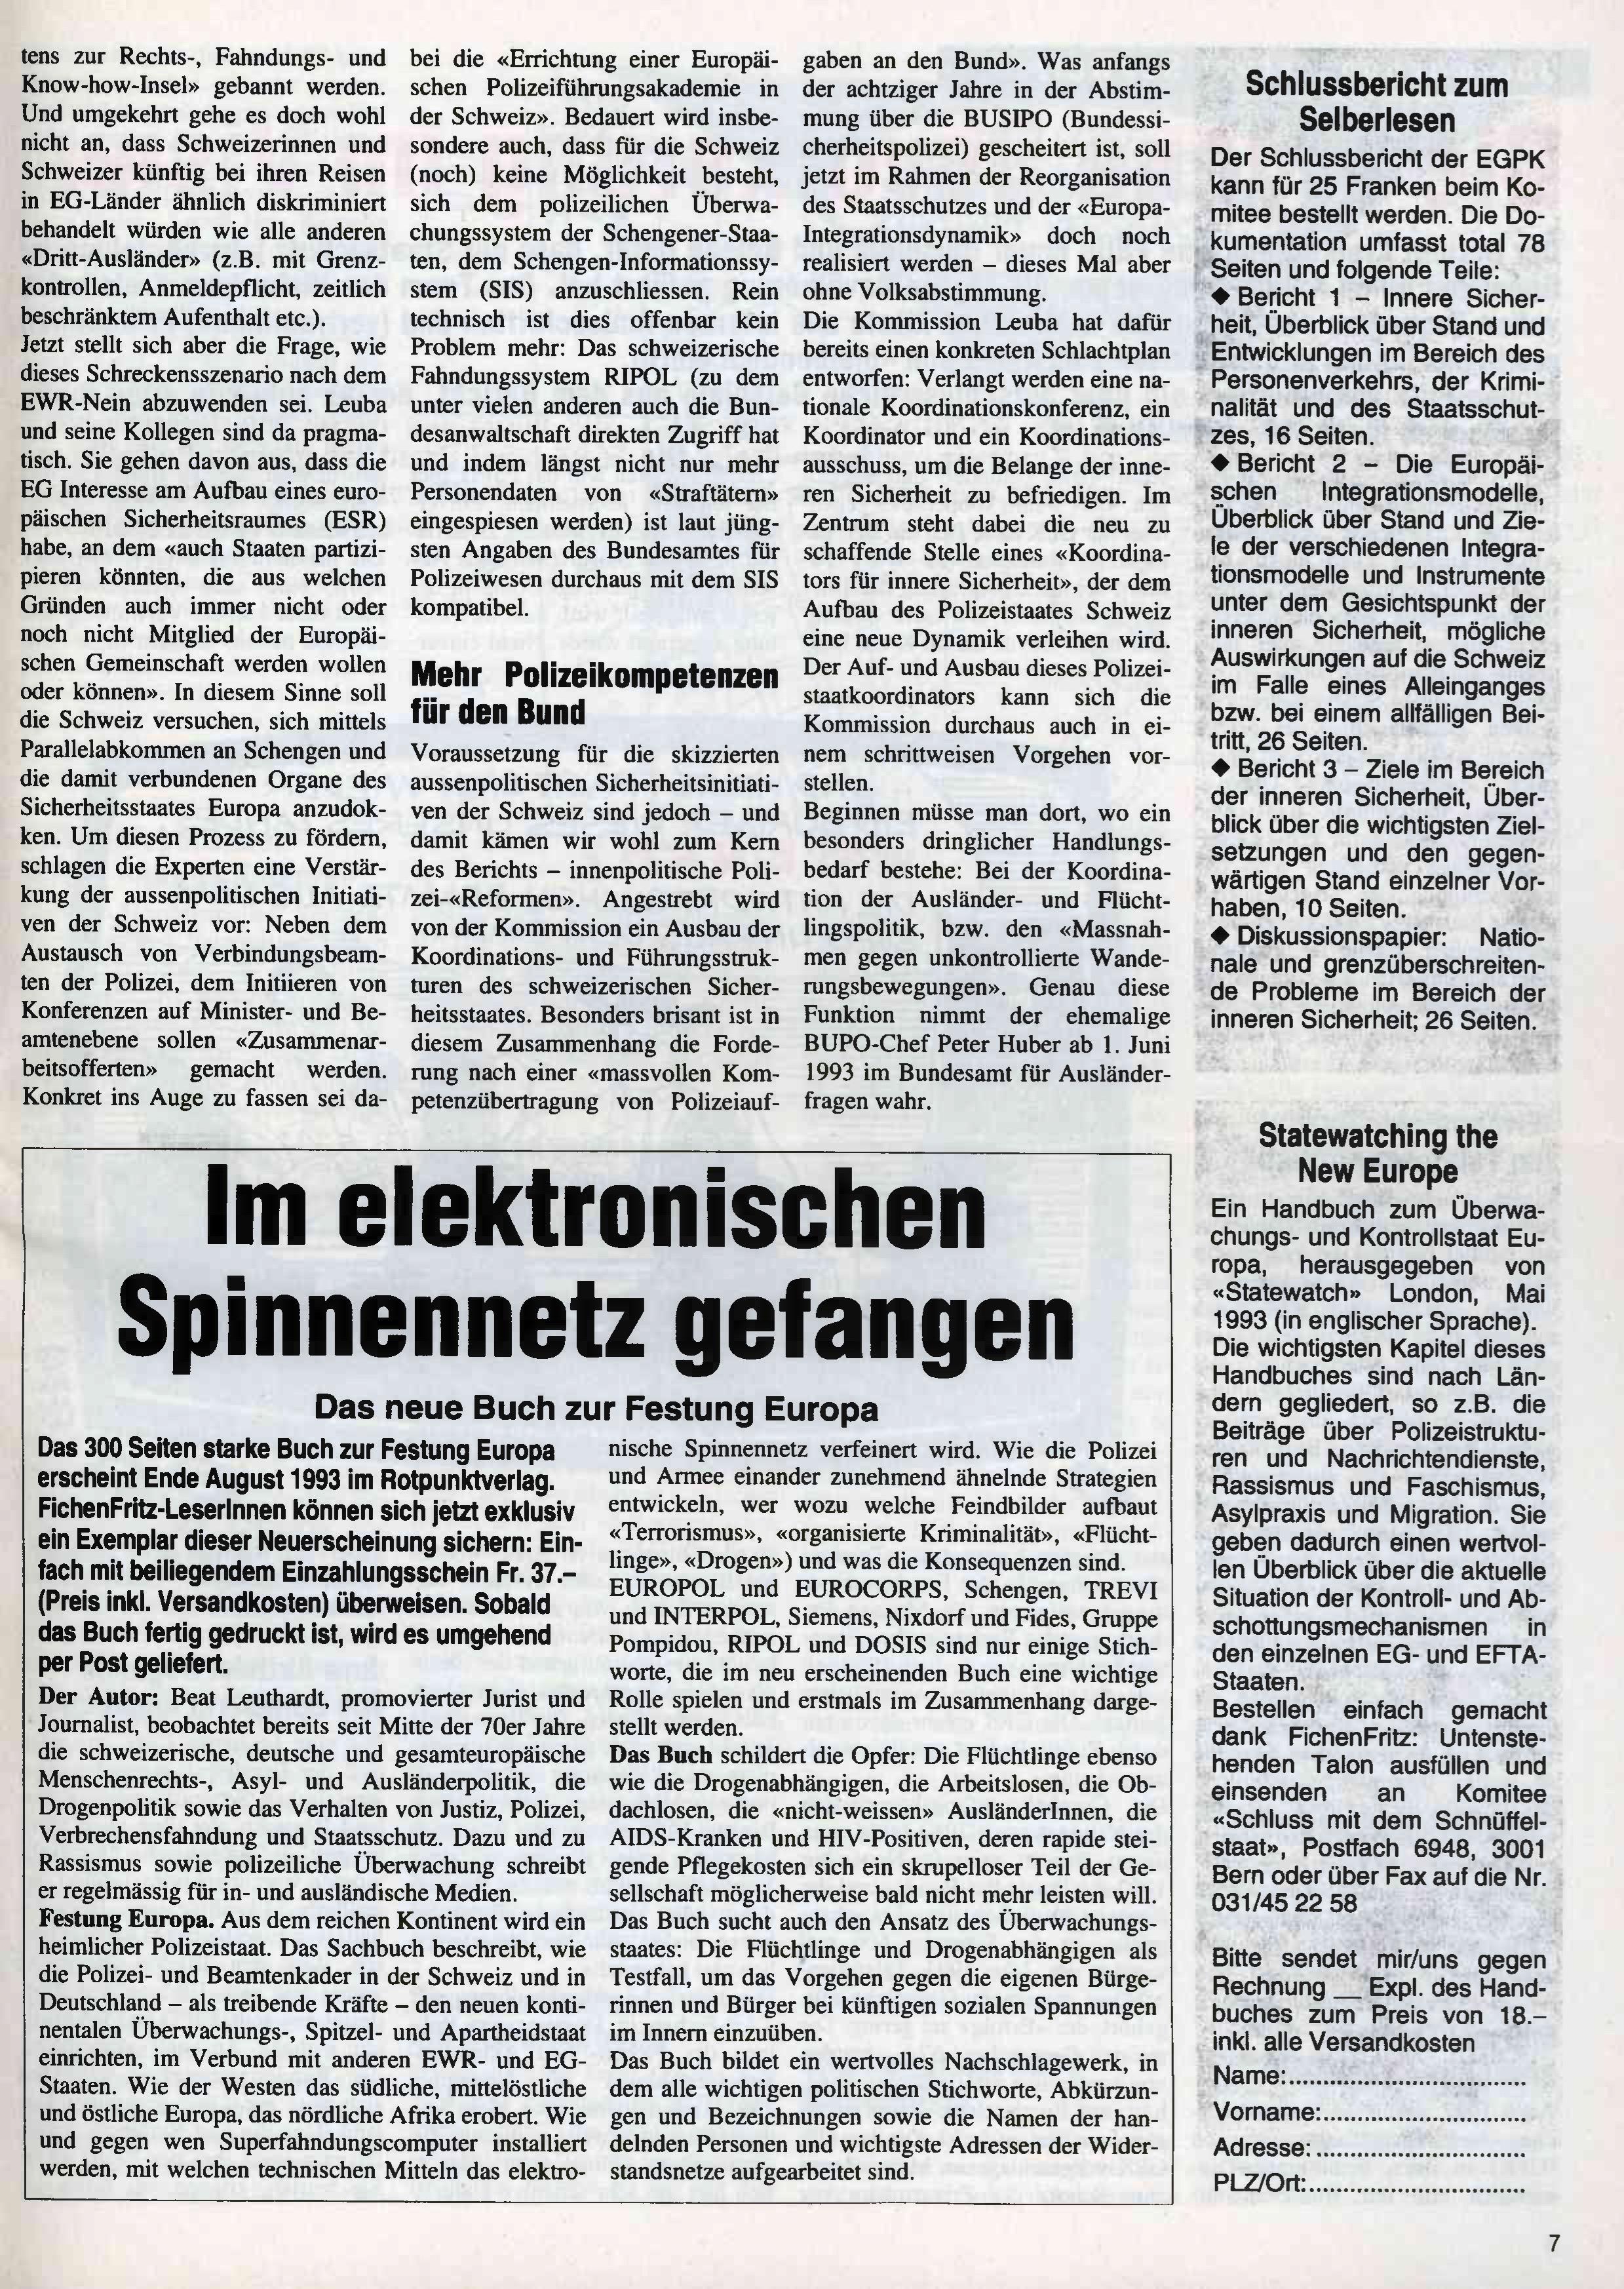 FICHEN FRITZ NR. 13 - SEITE 7